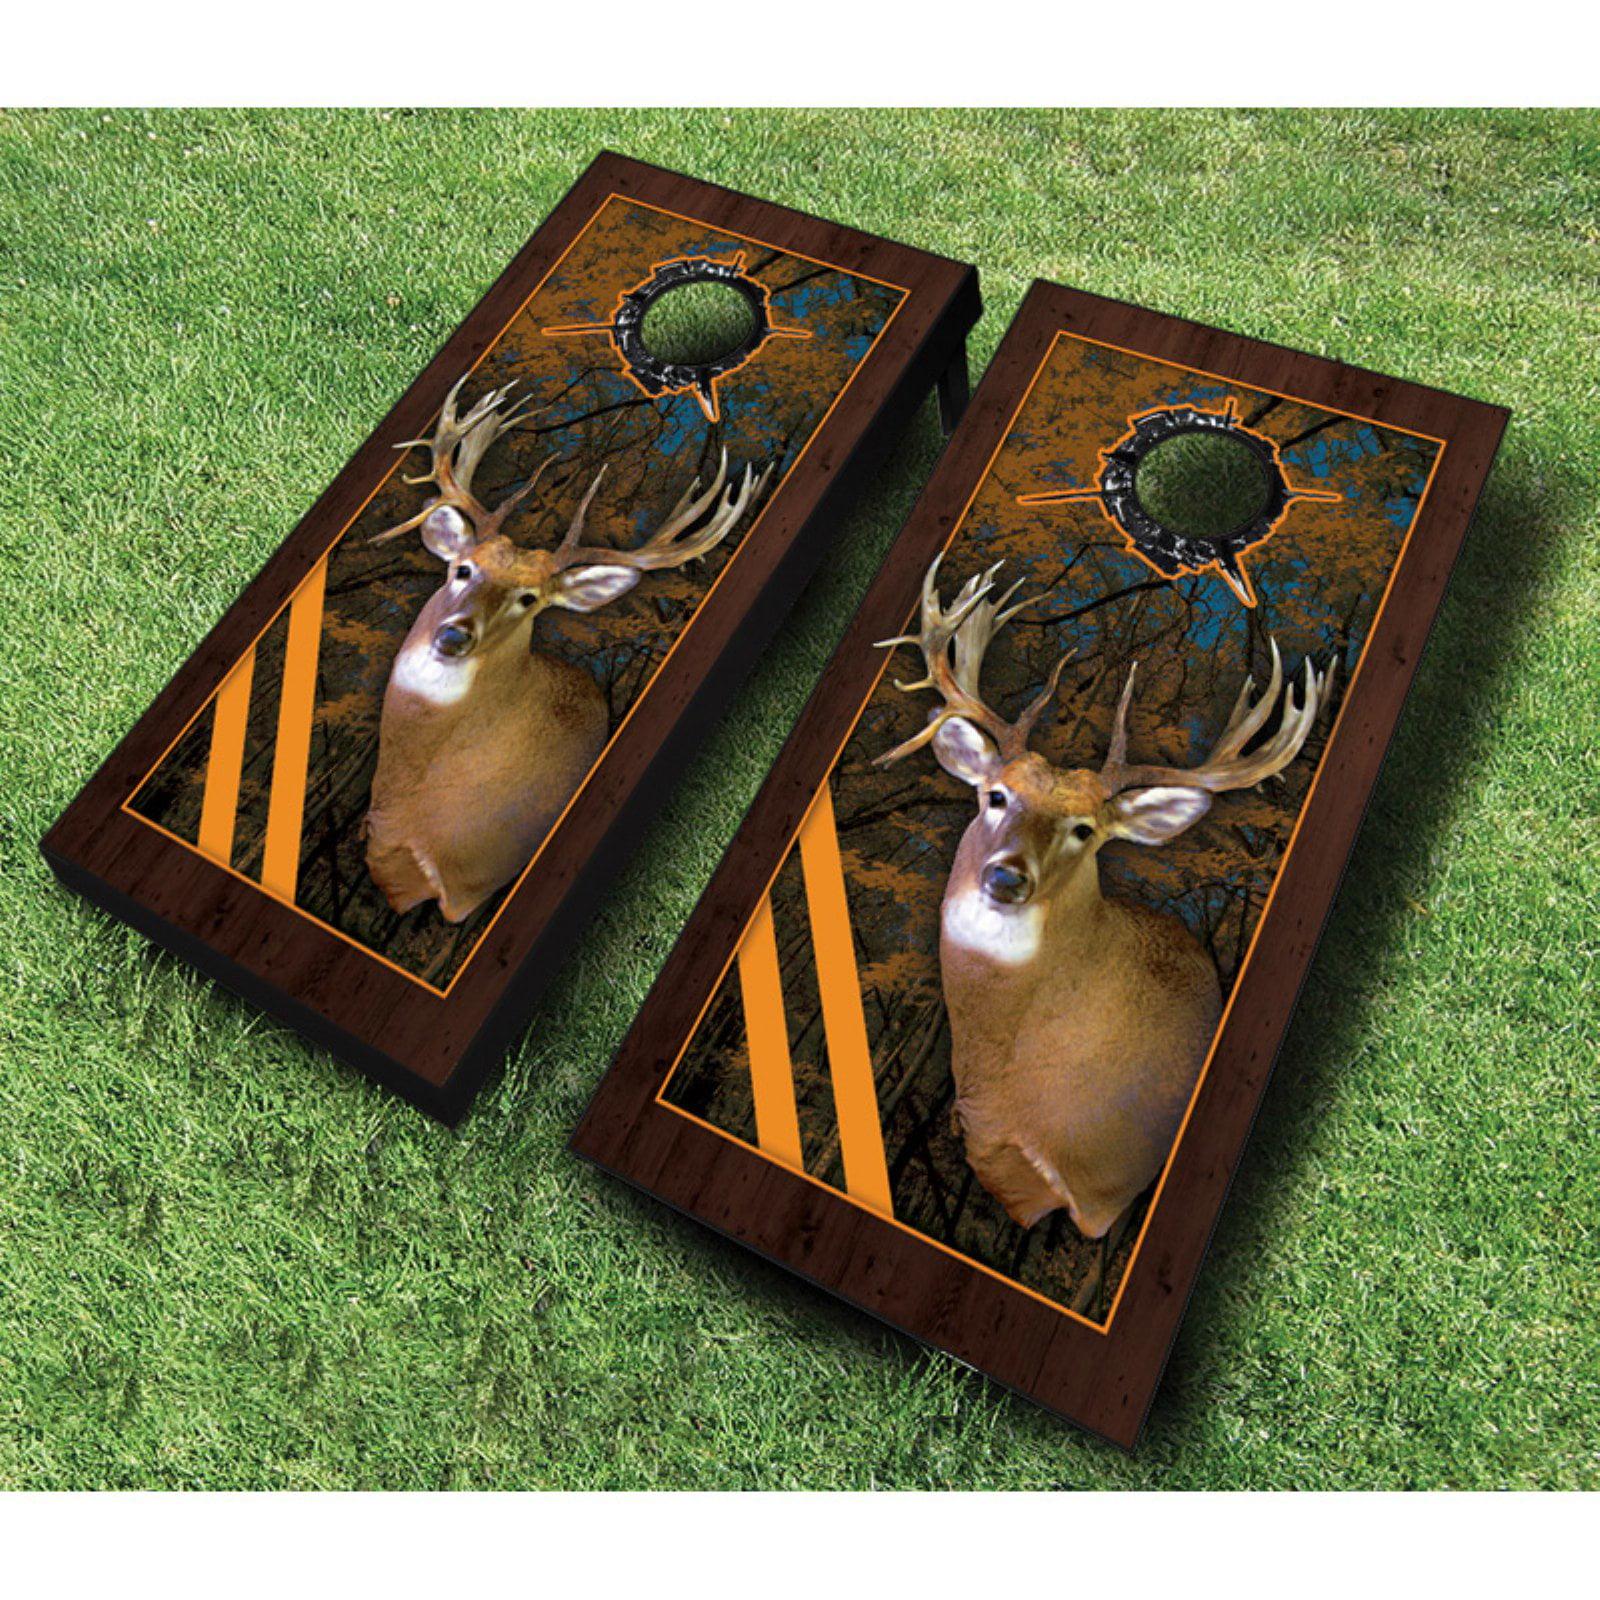 AJJ Cornhole Framed Deer Cornhole Set with Bags by